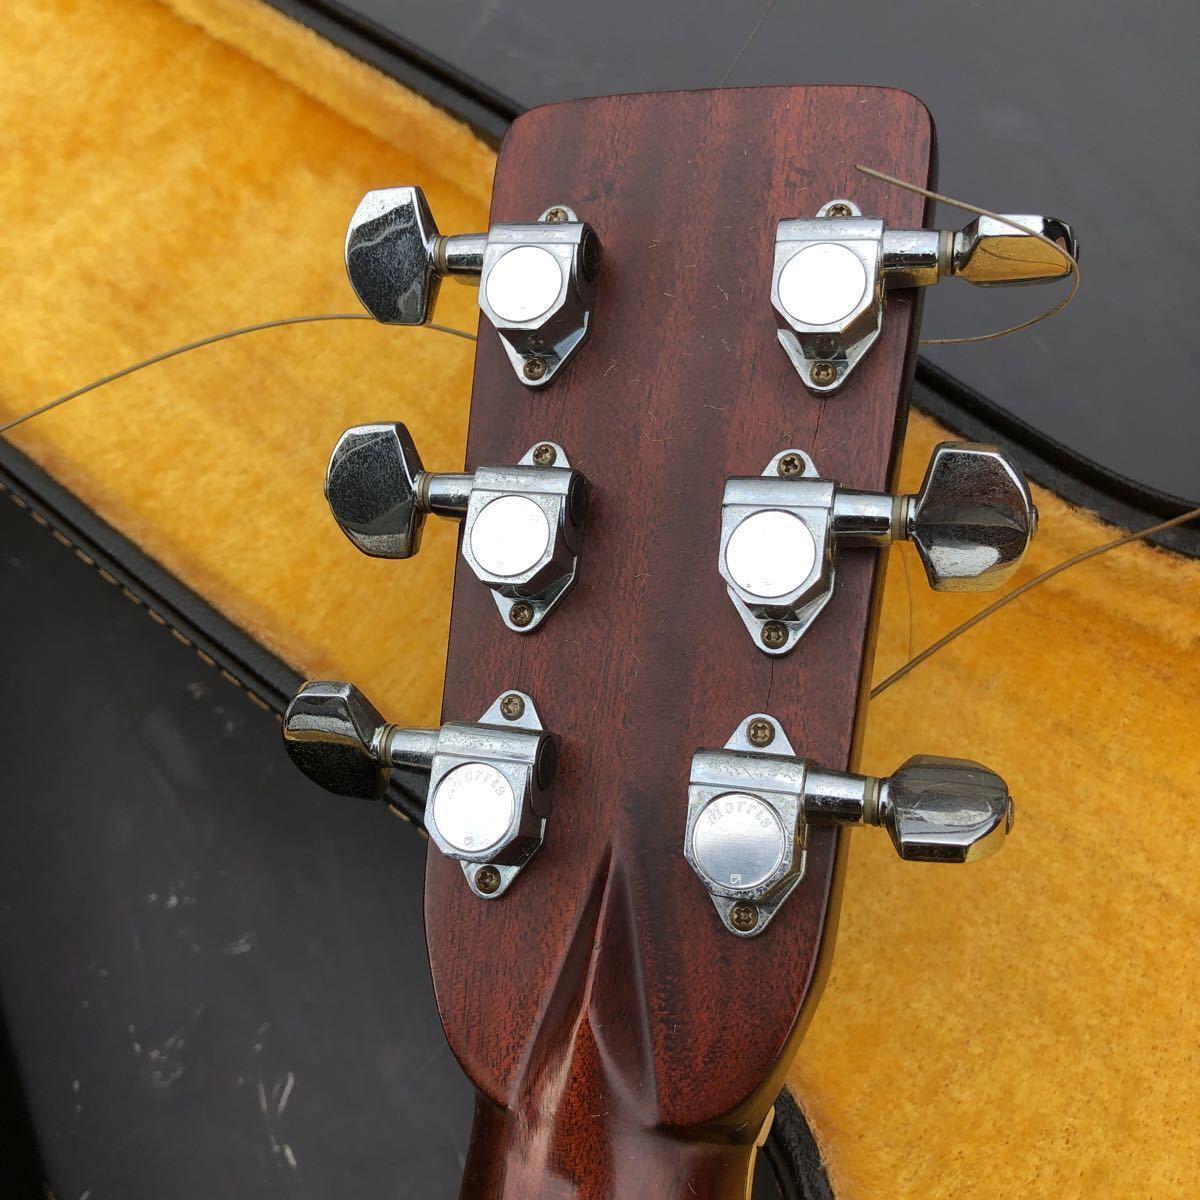 MORRIS スペシャル w50 ギター ハードケース付き _画像5